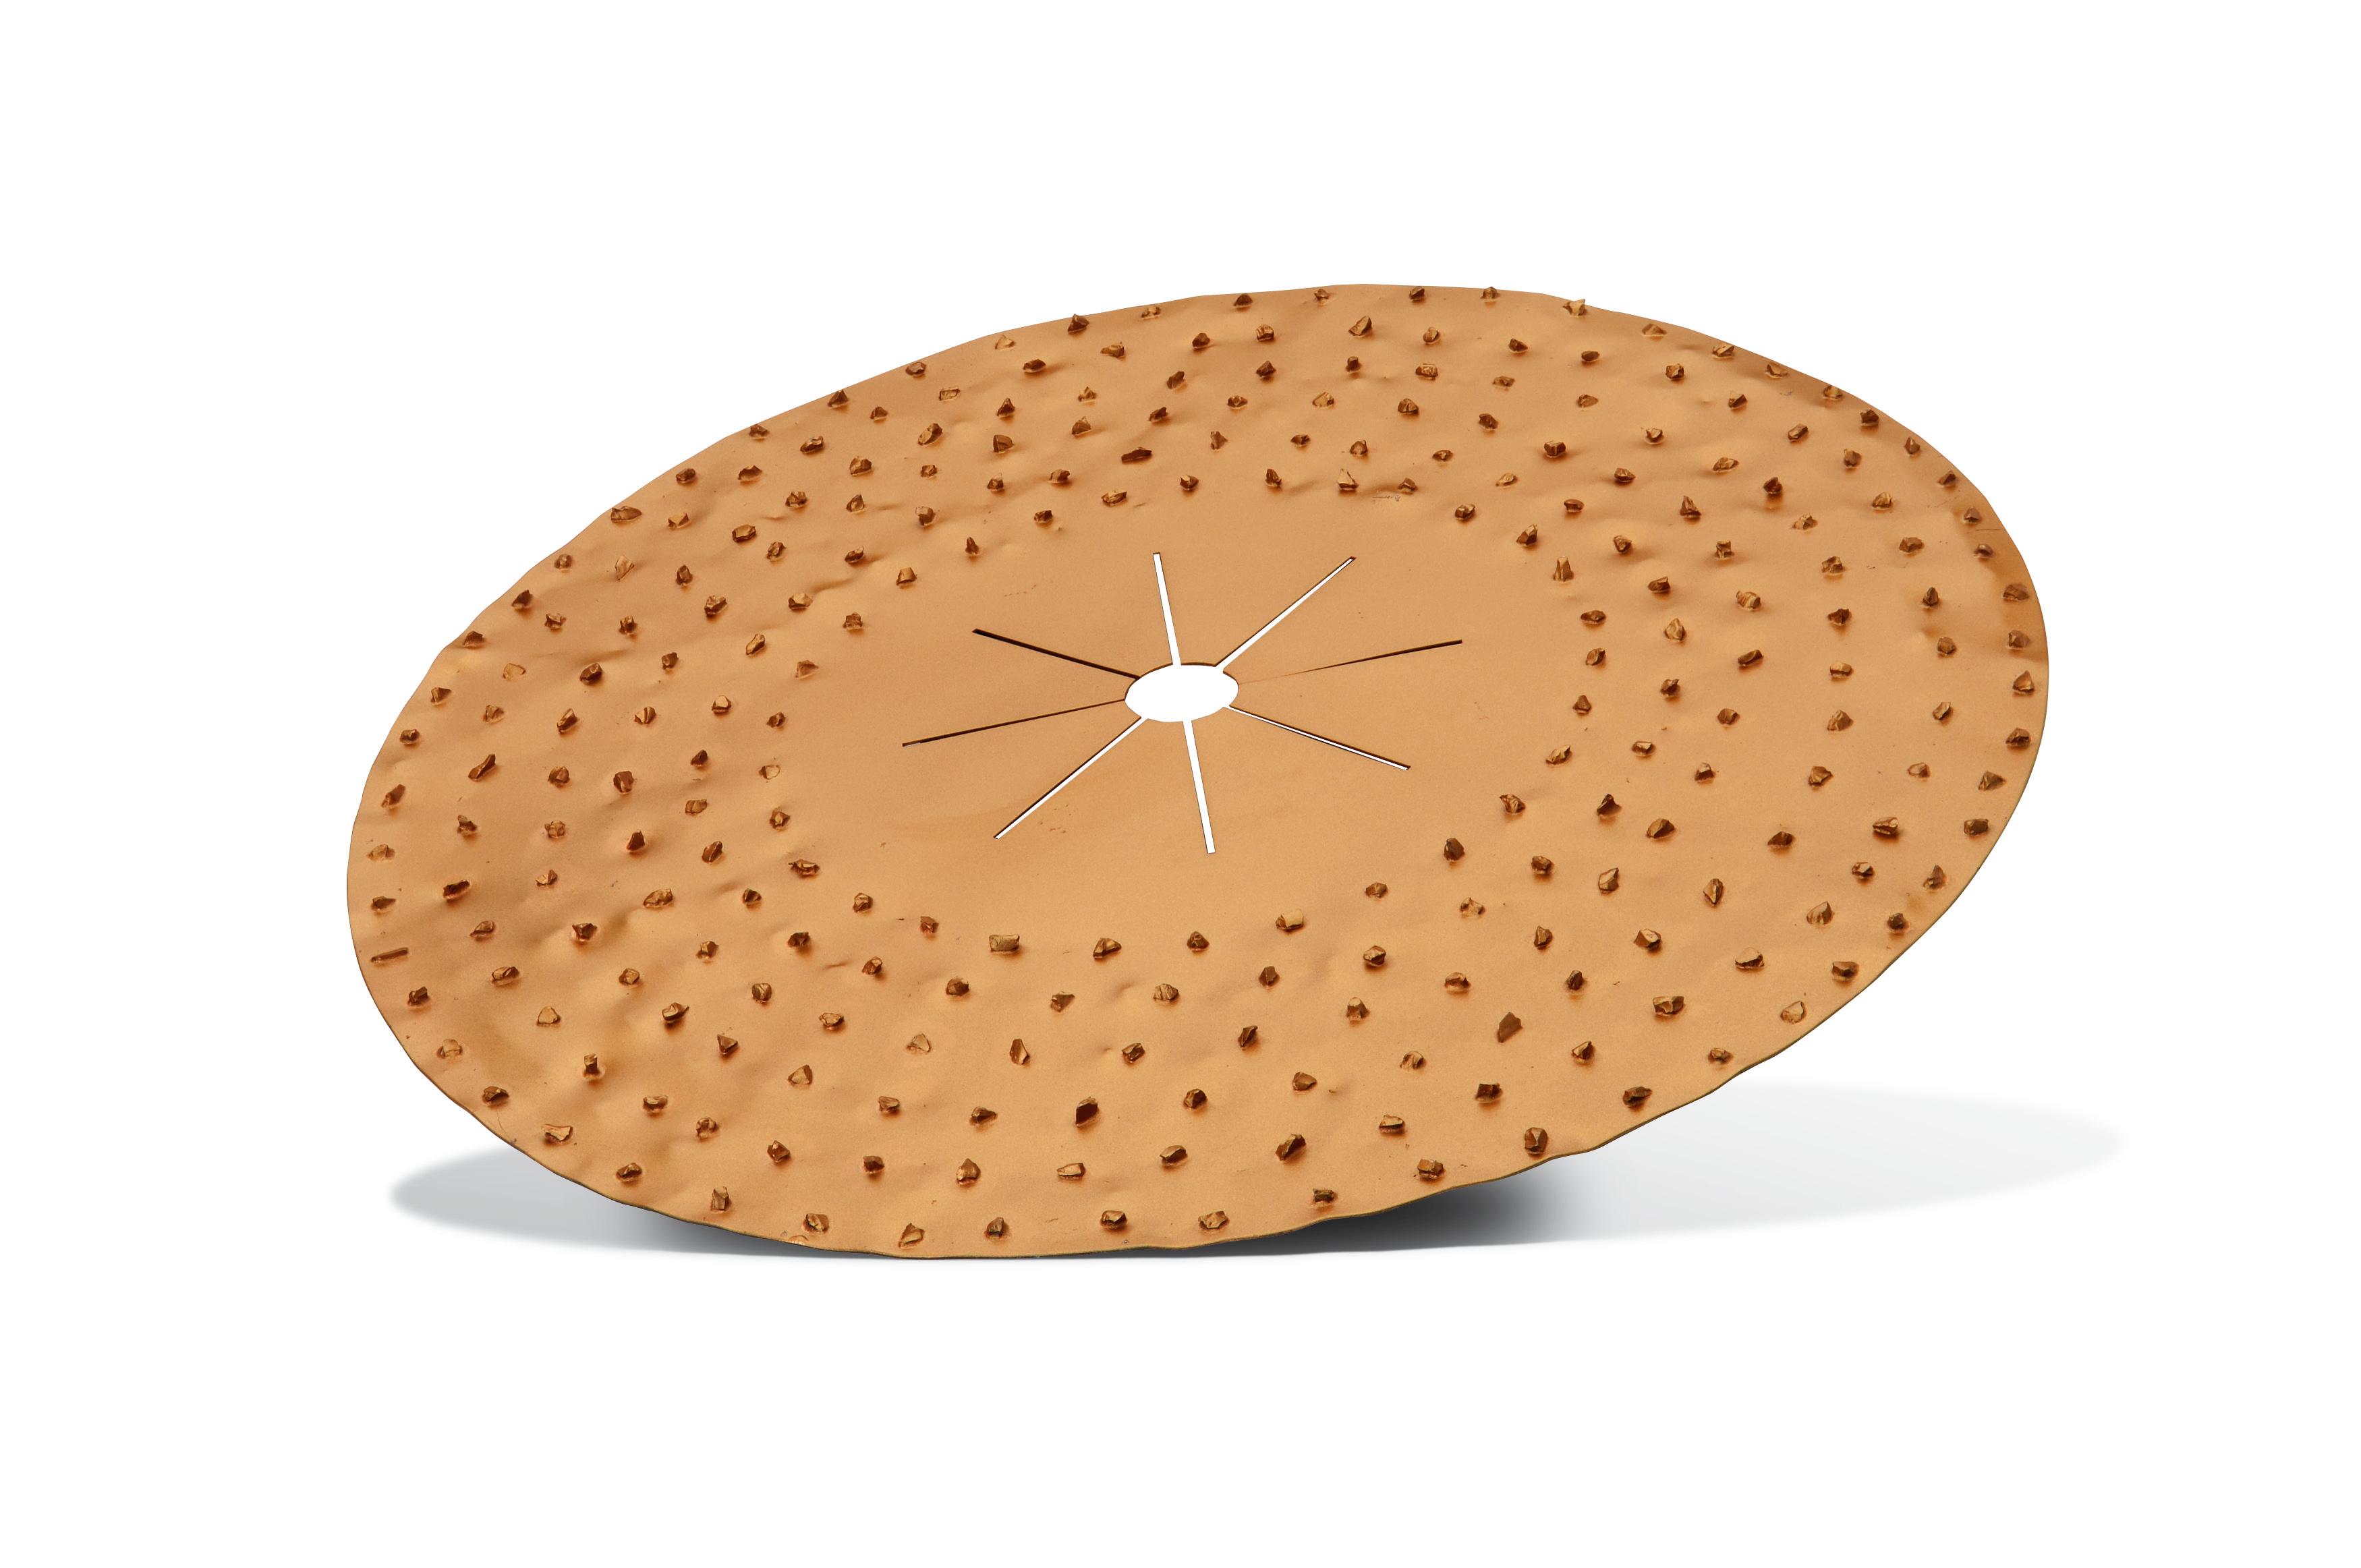 HM grinding disc 874, 380 mm dia. Pajarito